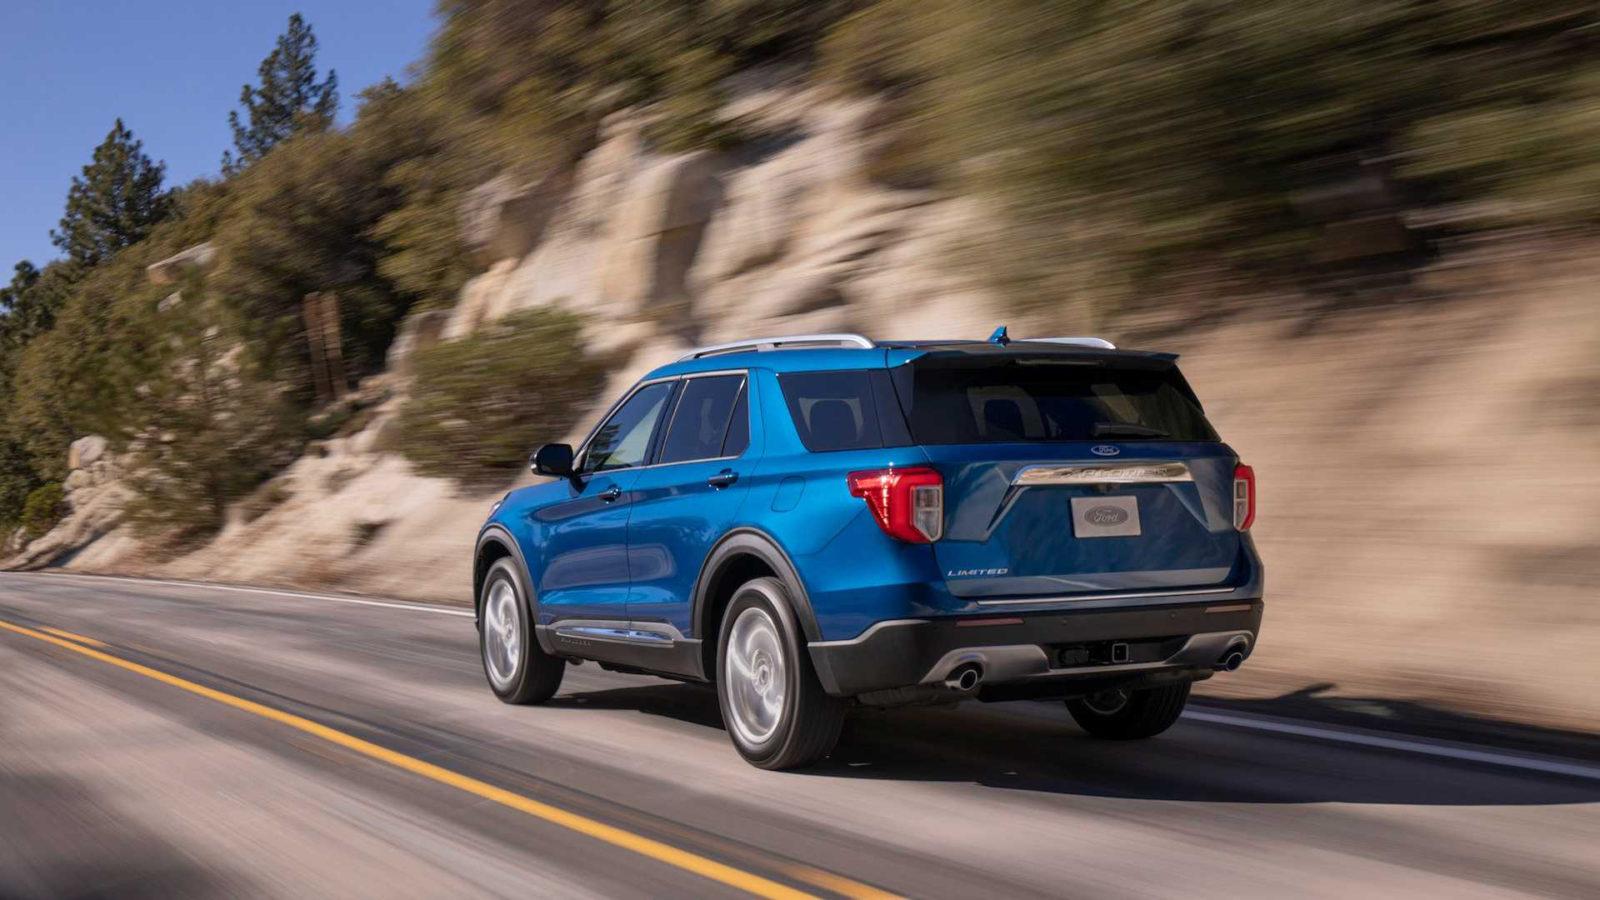 Novyj Ford Explorer 2020 jekster'er, vid сзади, foto